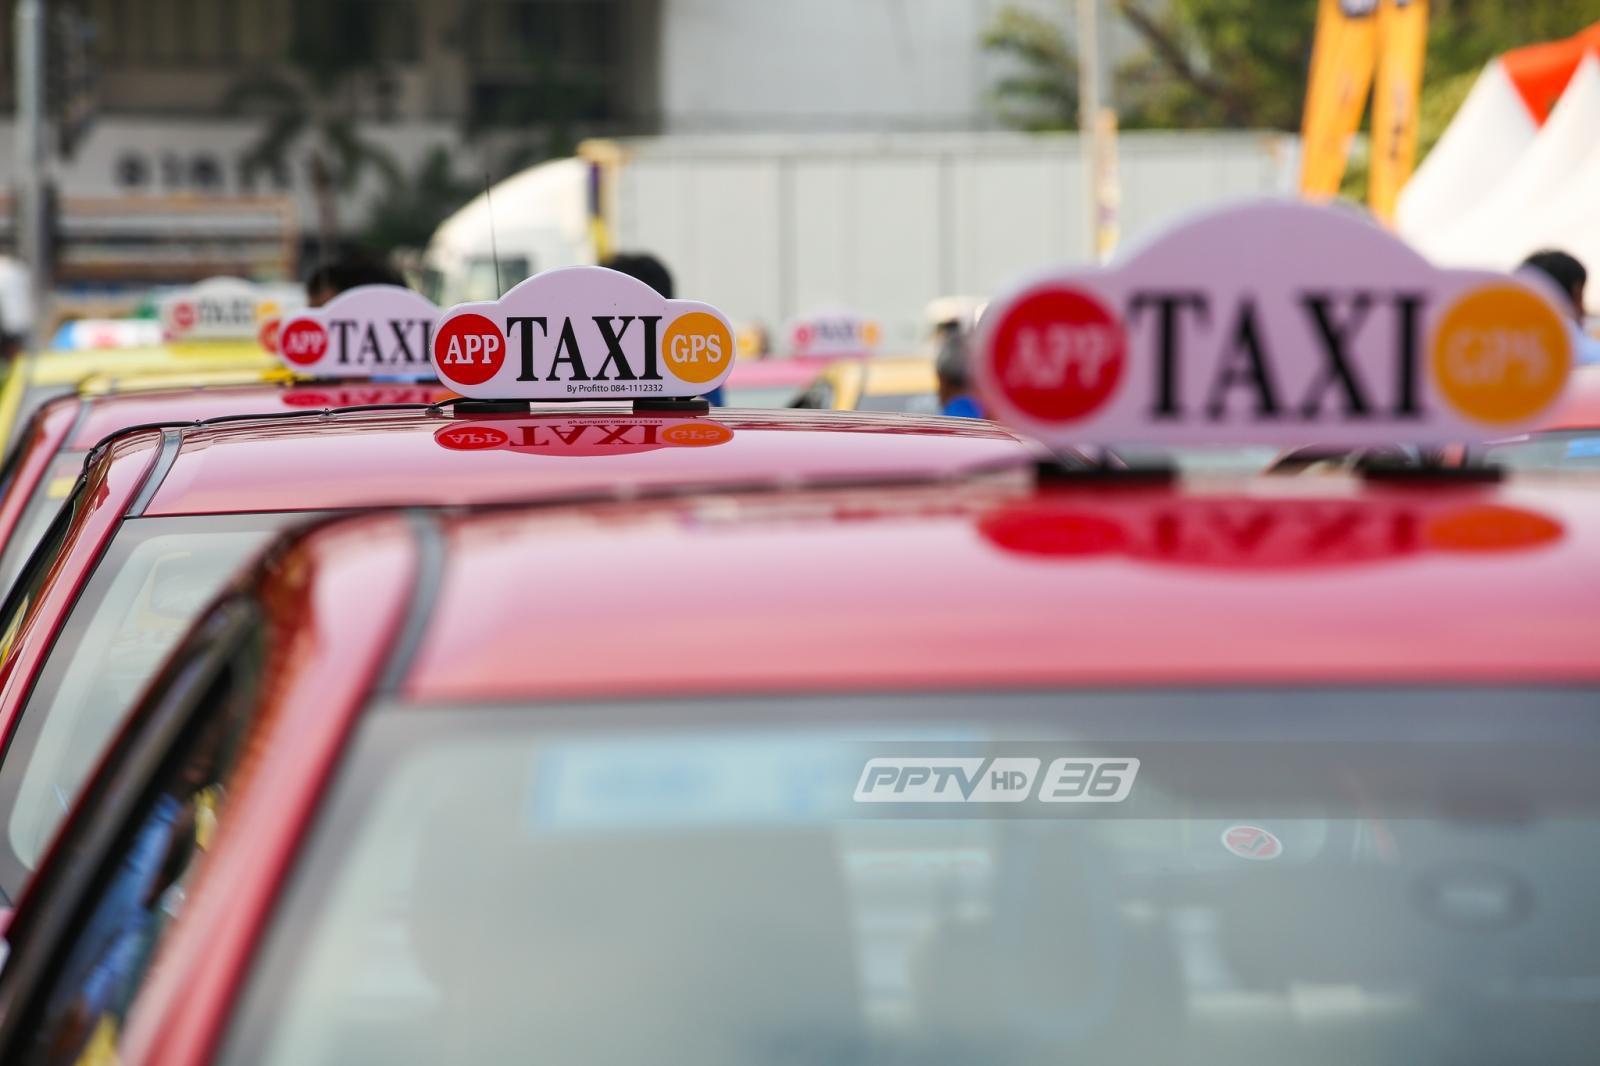 """สถิติการร้องเรียน """"แท็กซี่"""" พบสูงกว่าปีที่แล้ว """"ปฏิเสธผู้โดยสาร"""" ครองแชมป์"""